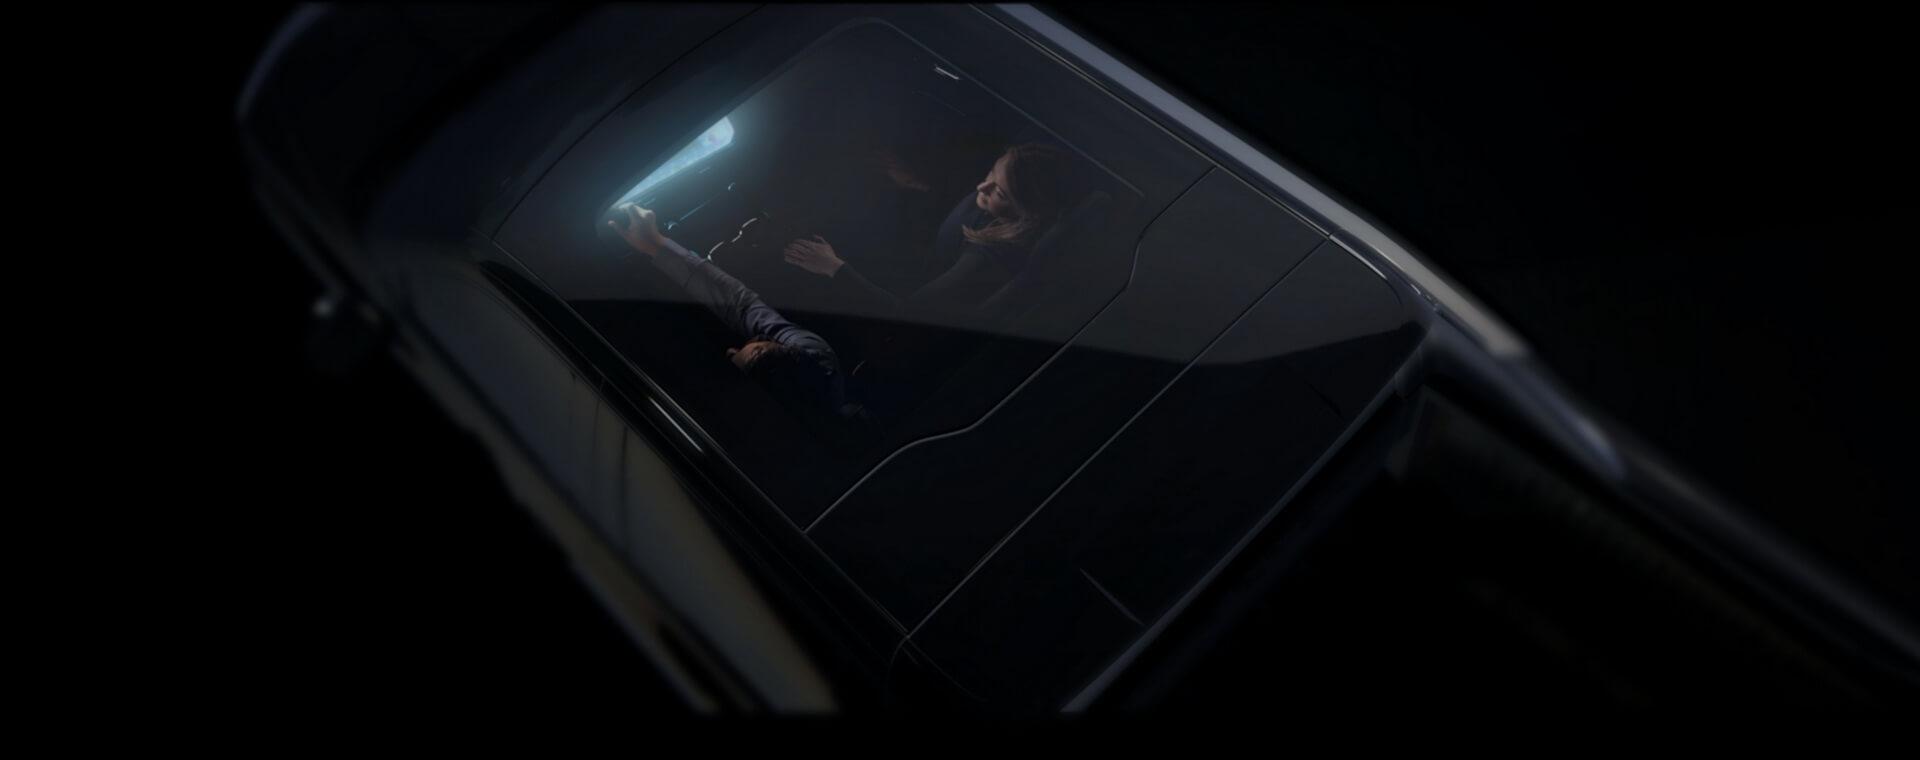 Chevrolet Silverado EV с 4-х колесным рулевым управлением и стеклянной крышей дебютирует на выставке CES 5 января 2022 года